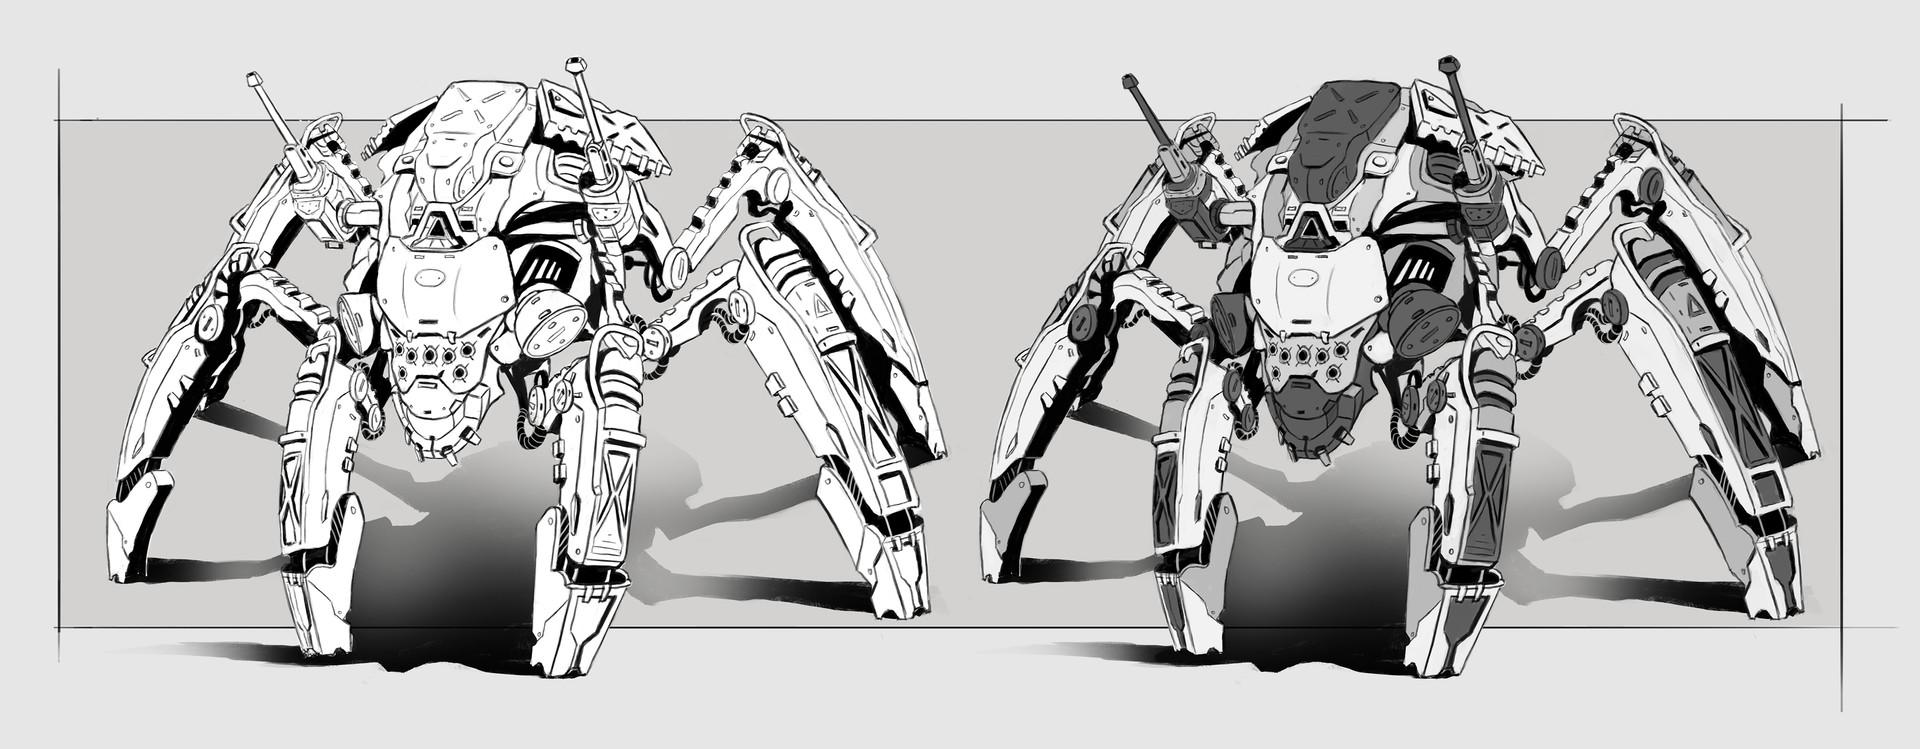 Ivan sevic feral robots elitte concept final